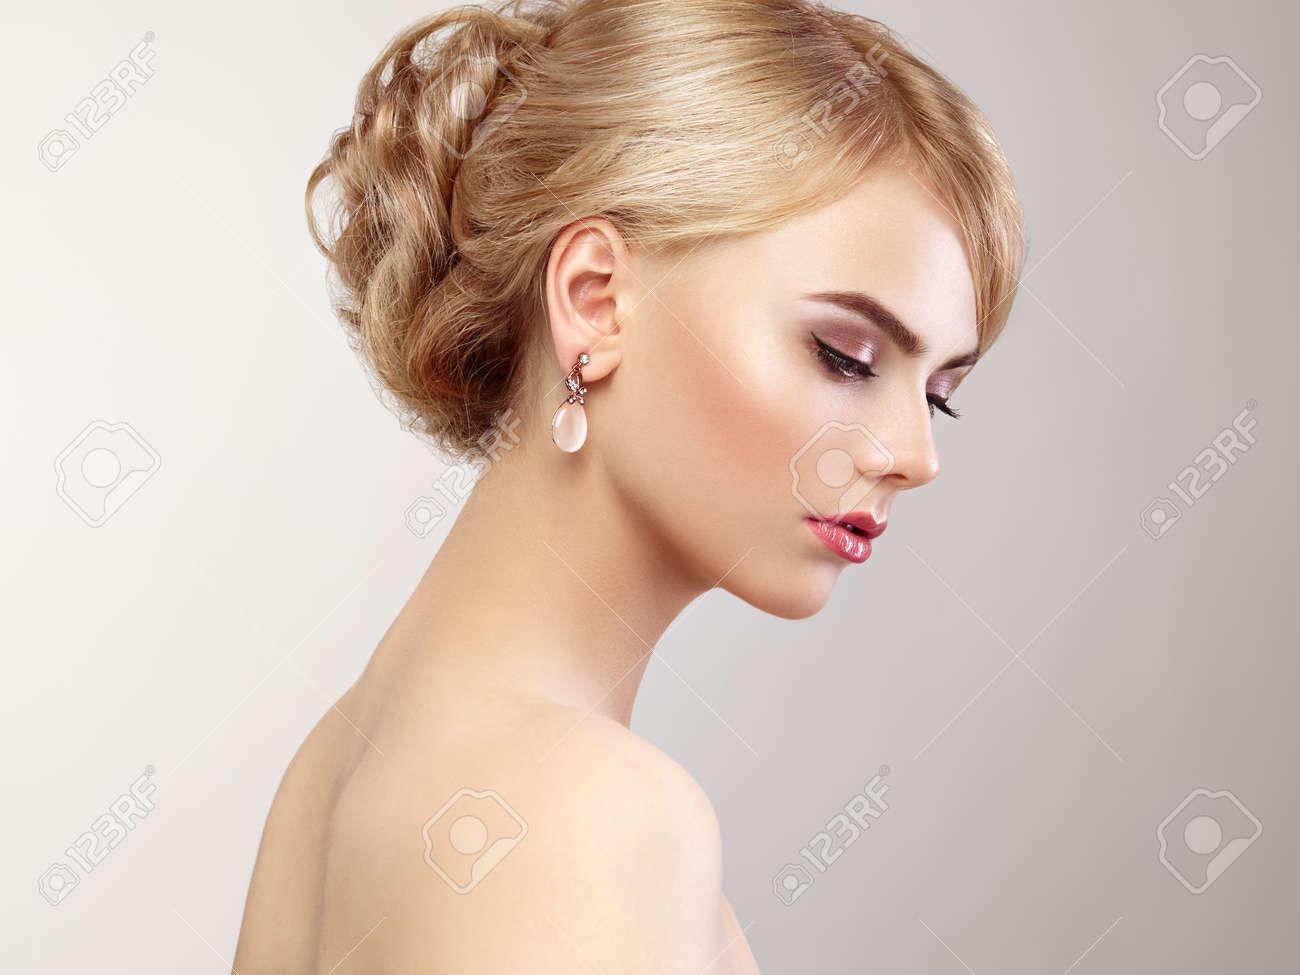 retrato de la hermosa mujer sensual con elegante estilo de peinado maquillaje perfecto chica